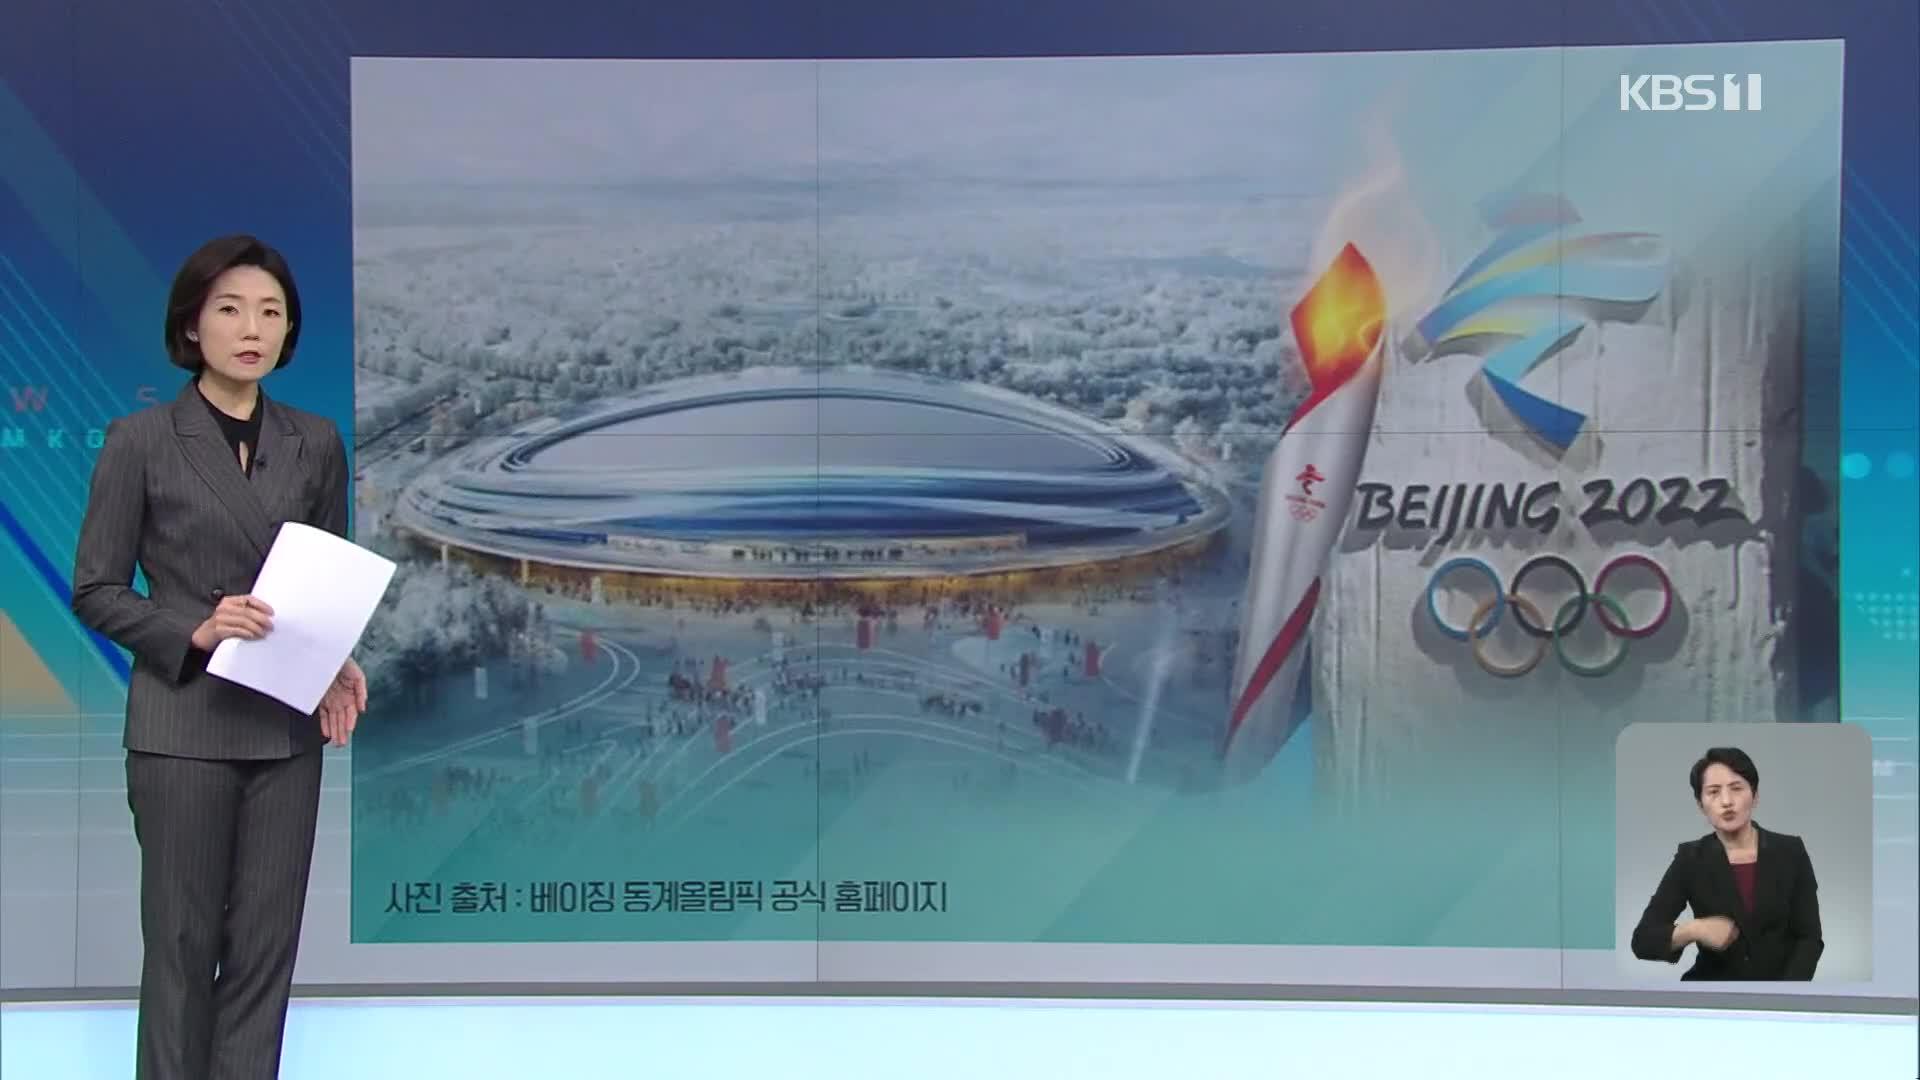 올림픽 성화 베이징으로 '직배송'…쇼트트랙 고의충돌 조사위 구성